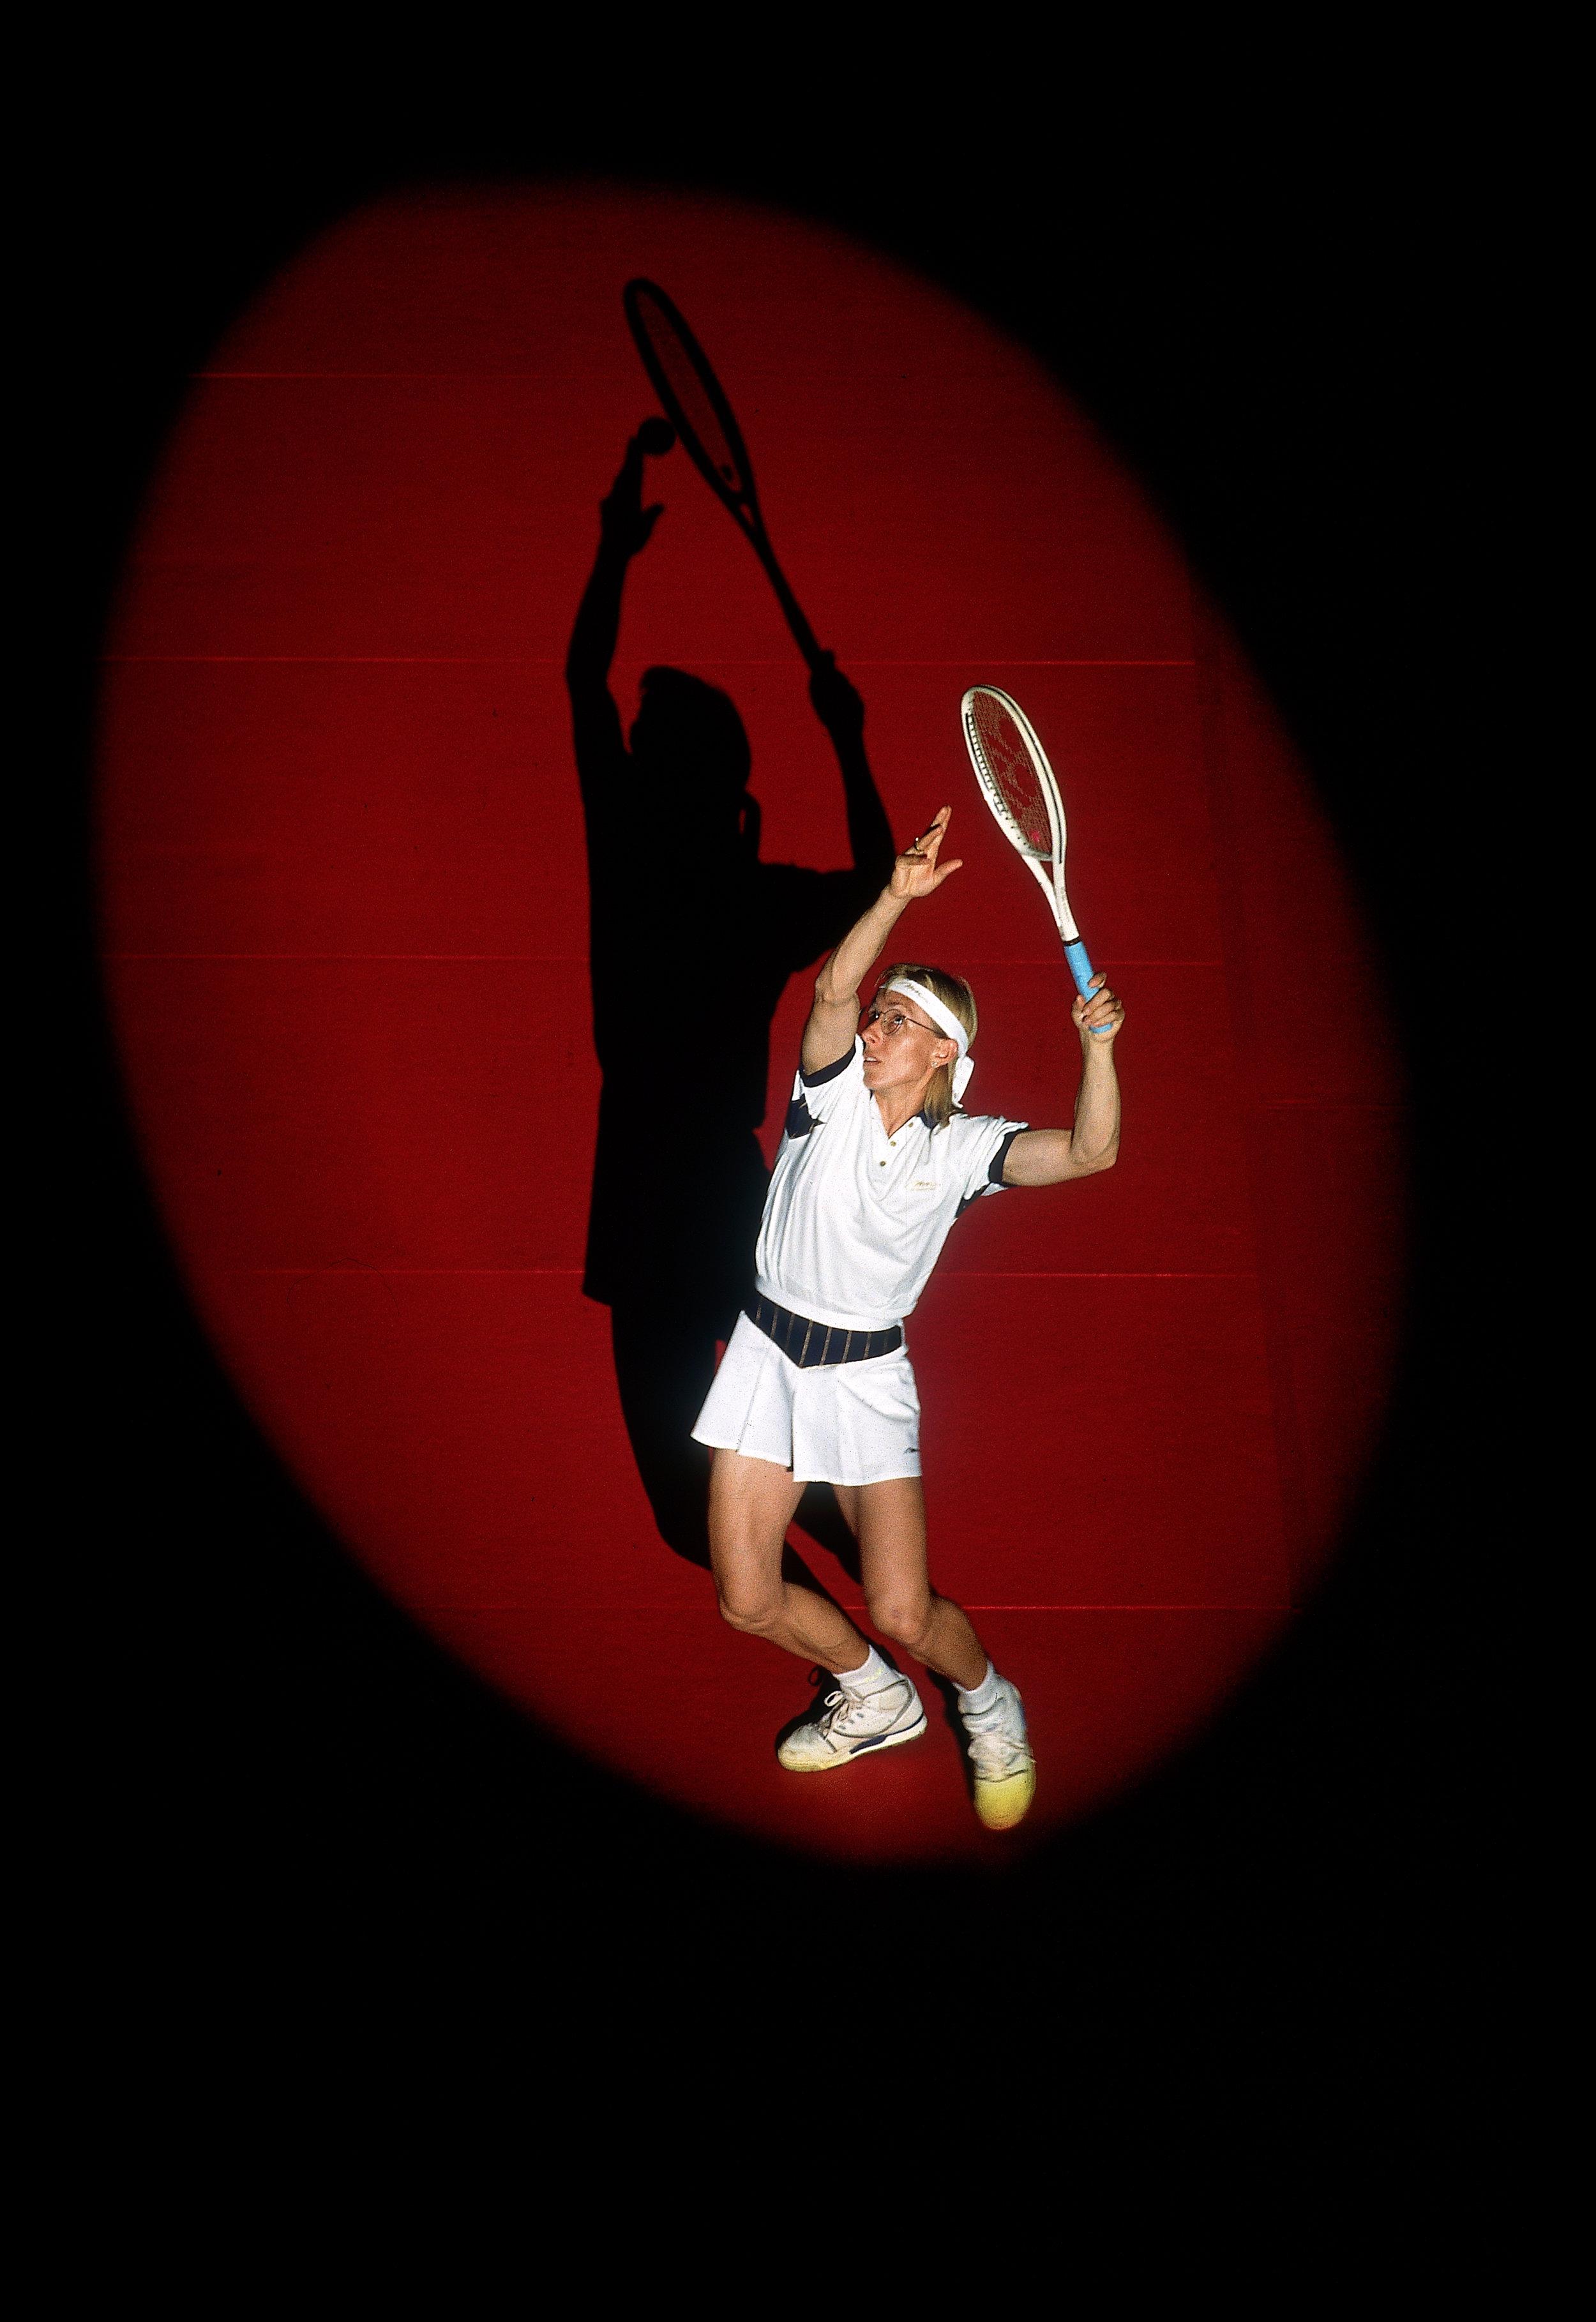 Martina Navratilova, 2005